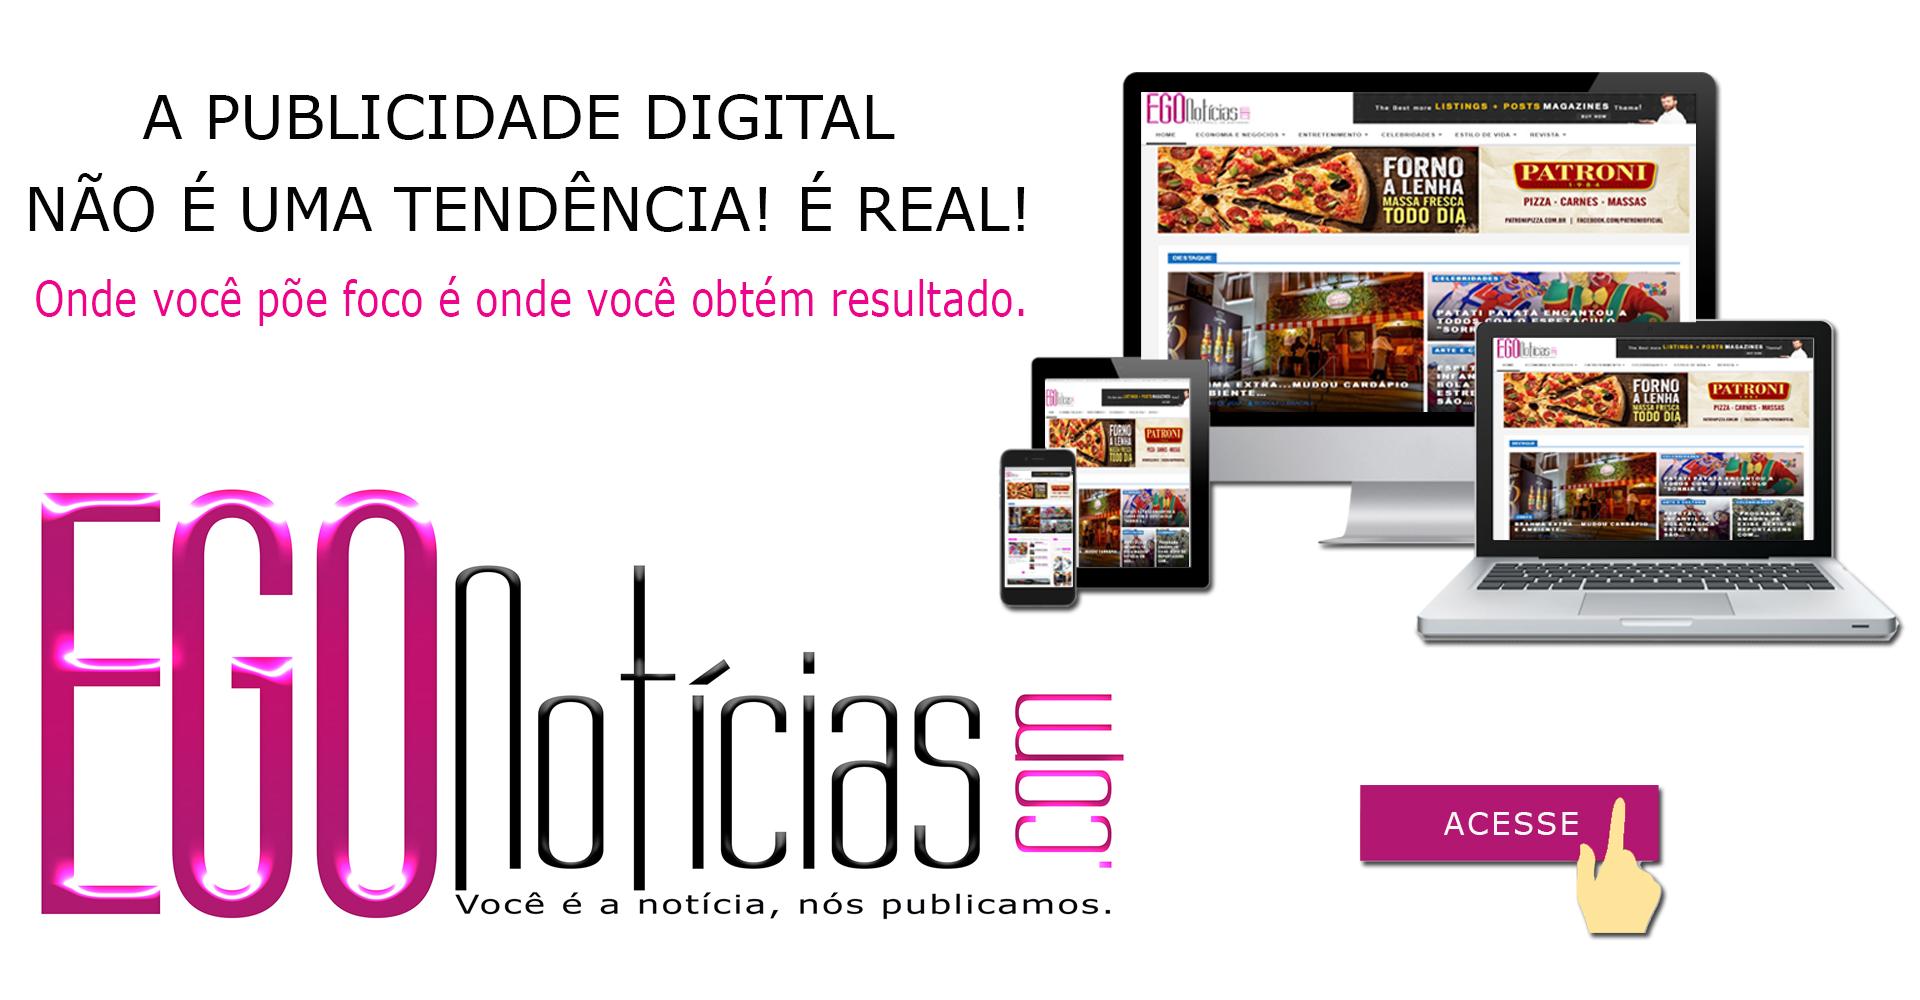 Egonotícias - Publicidade Digital